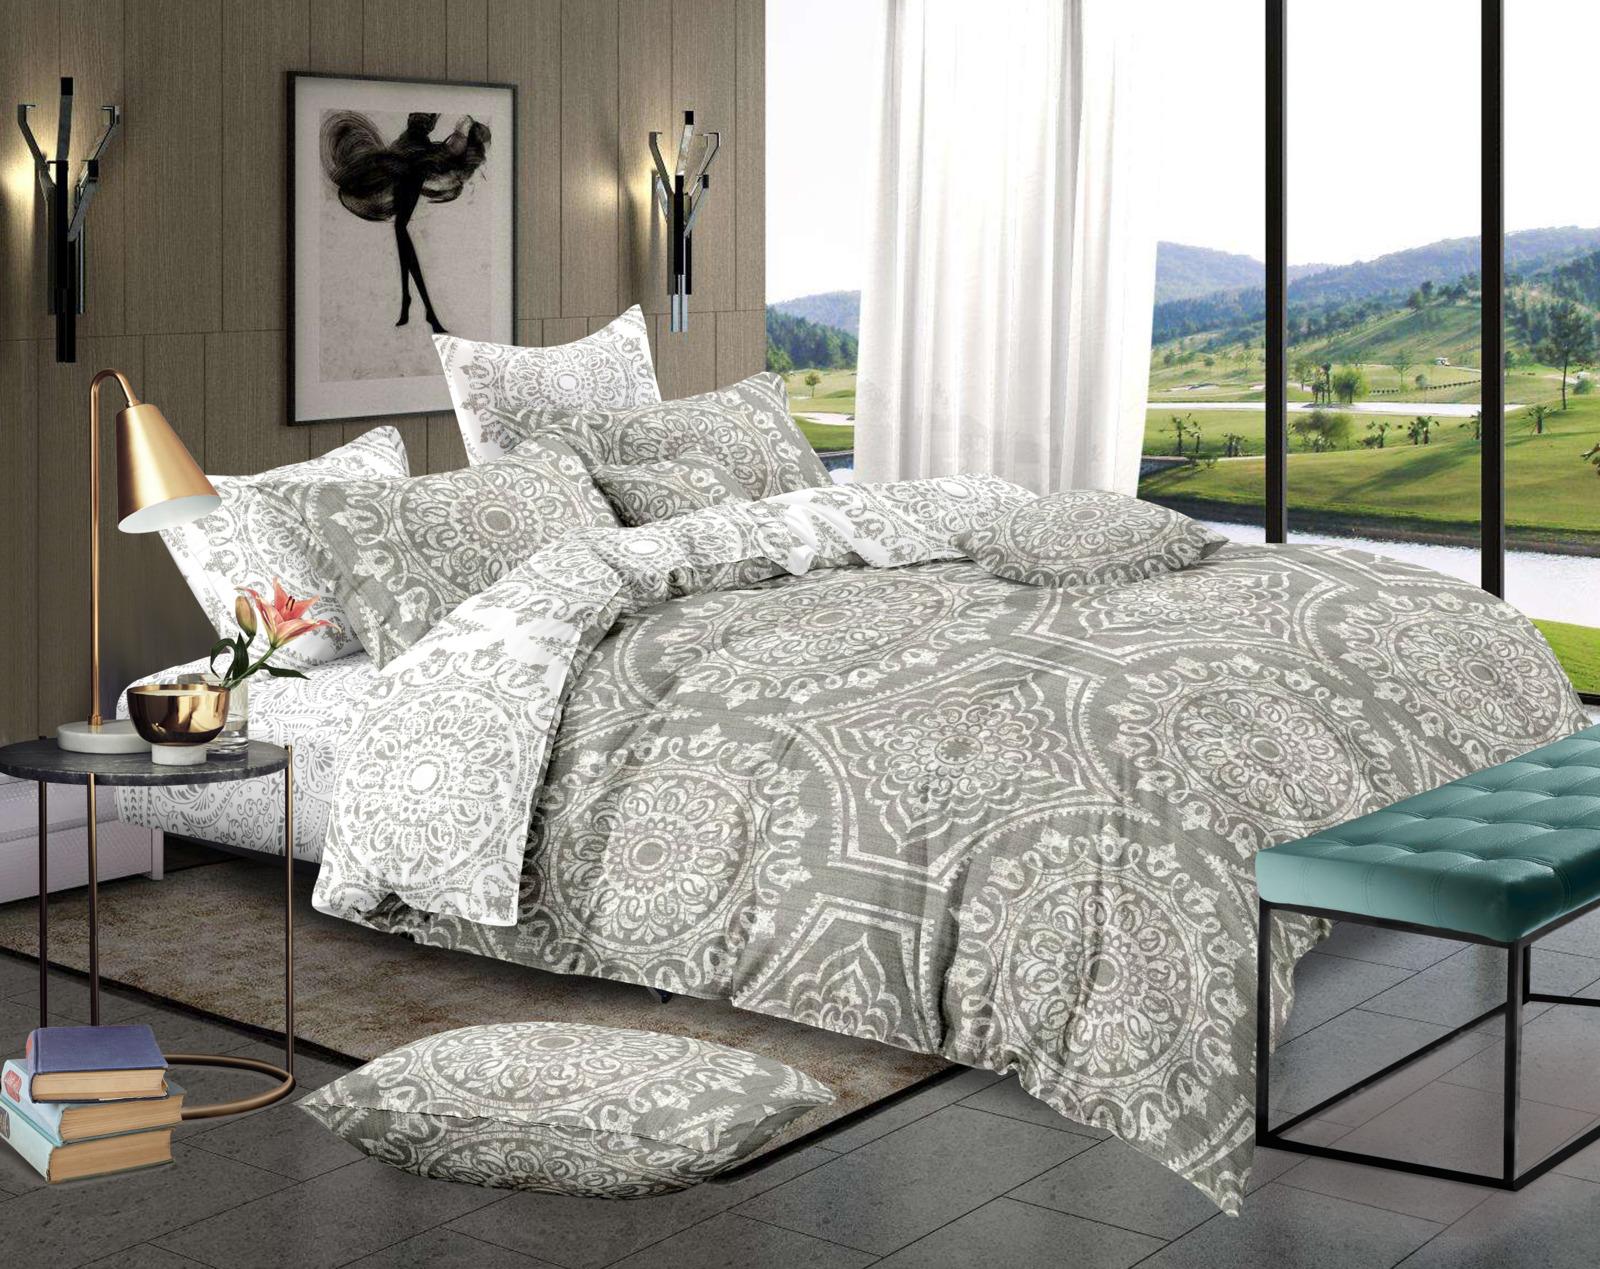 цена Комплект постельного белья Amore Mio Gold Edward, 7836, бежевый, 1,5-спальный, наволочки 70x70 онлайн в 2017 году